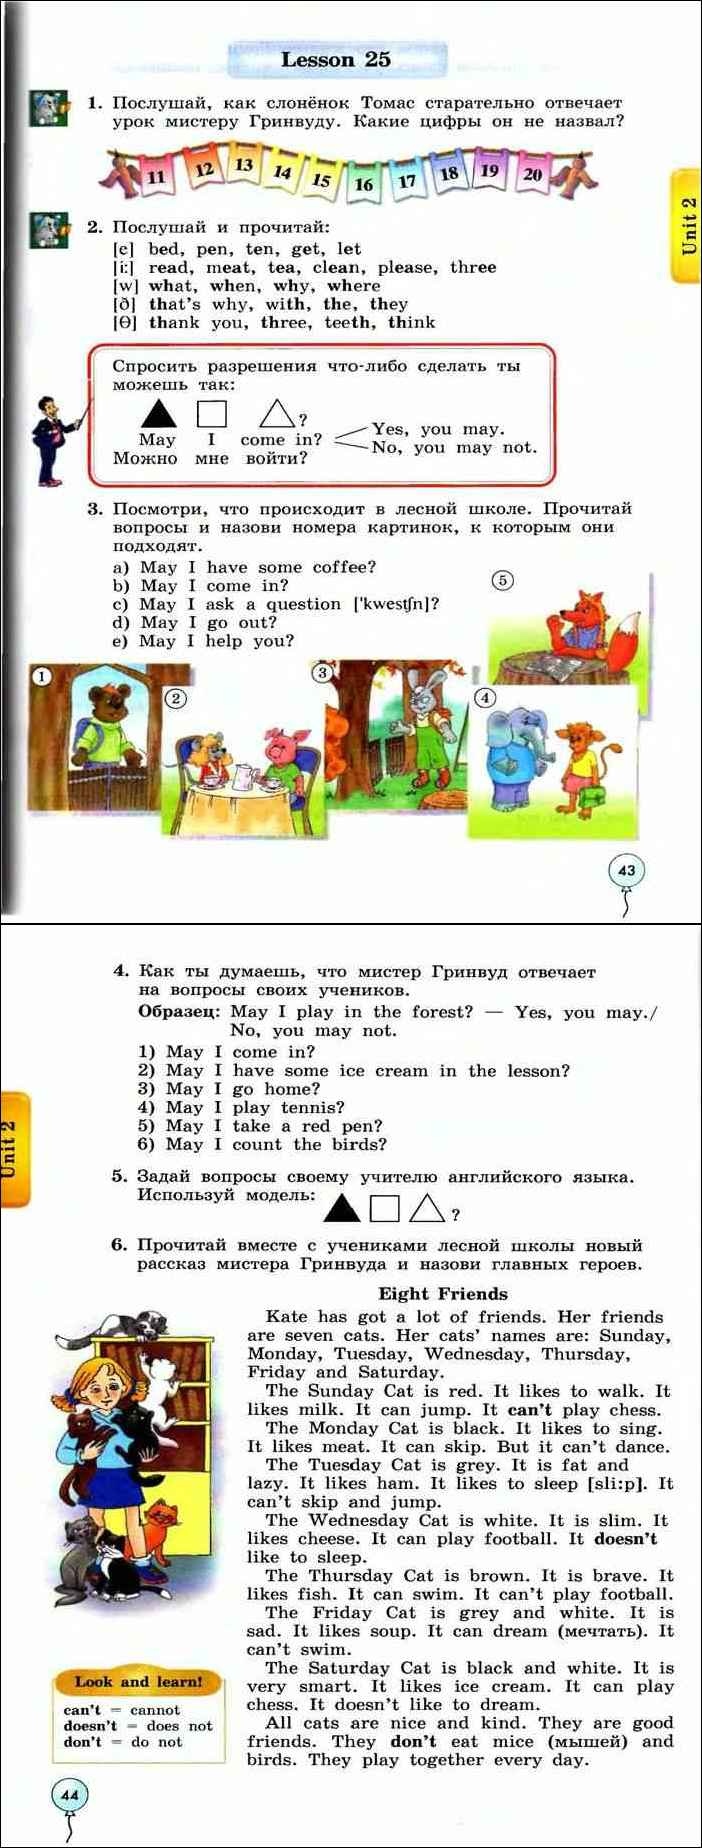 Английский язык 8-10 класс, пригласительный школьный этап (1 этап), 2020-2021 учебный год | олимпиадные задания